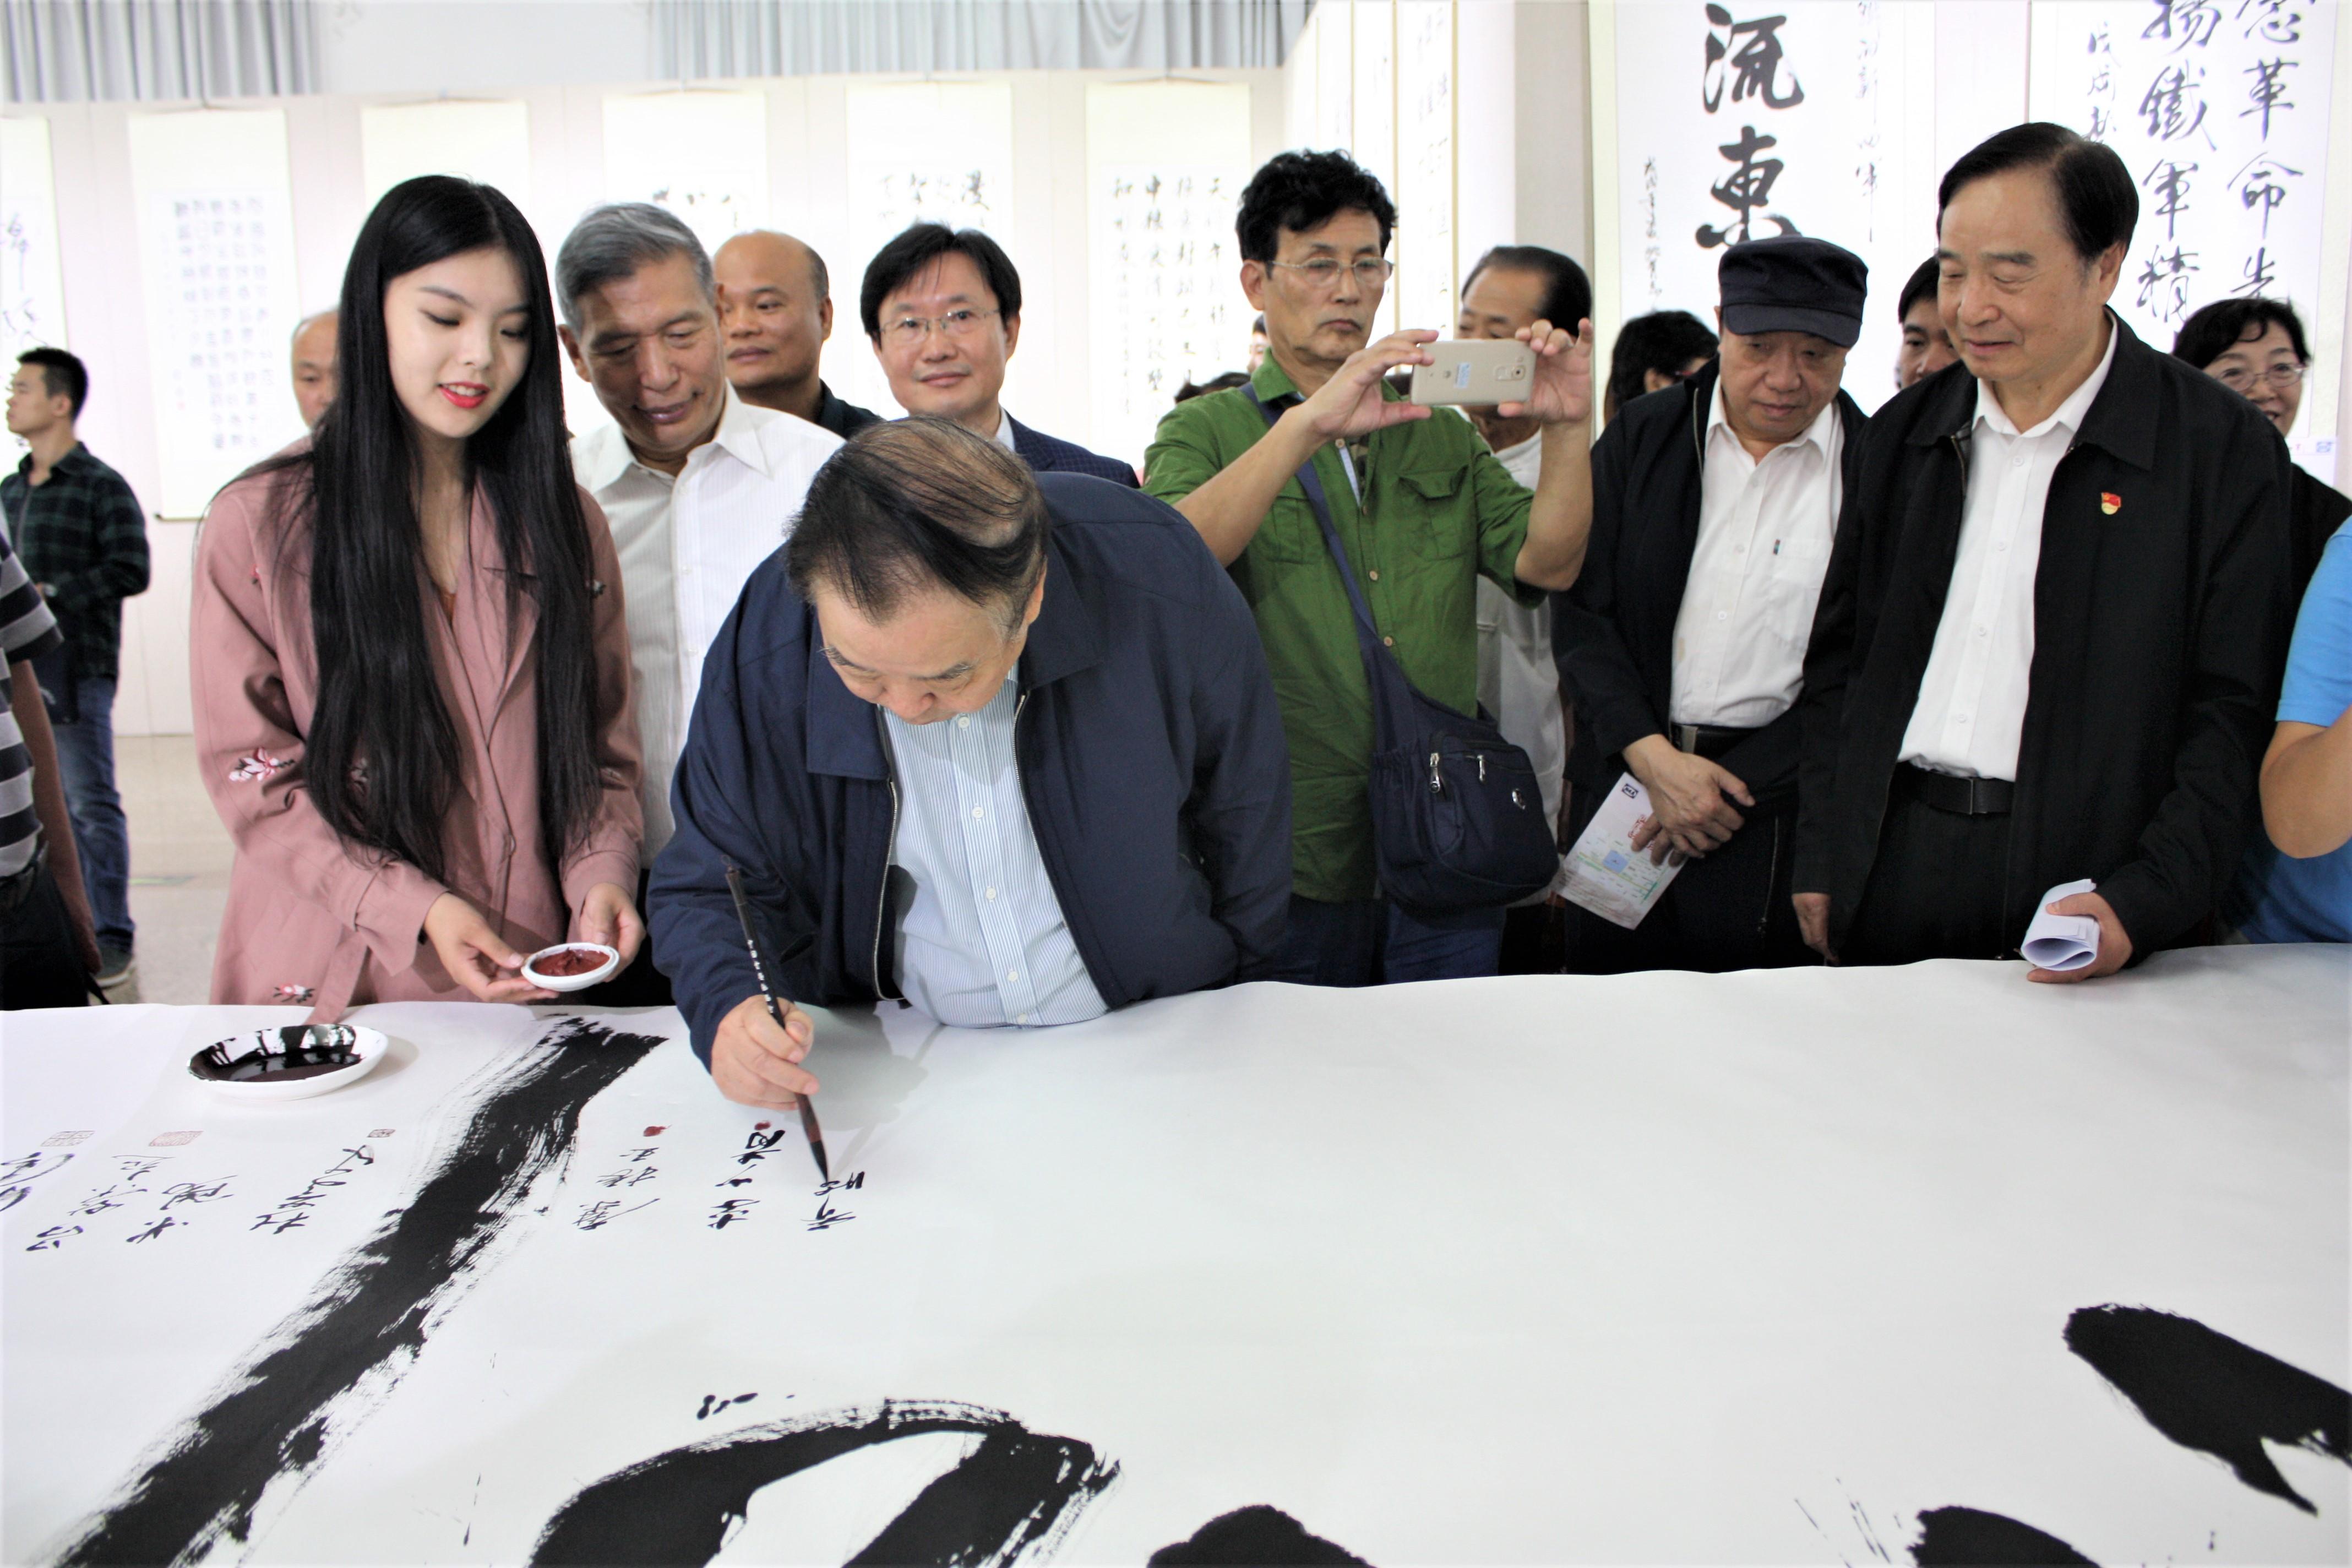 原全国人大常委会法律委员会主任乔晓阳在丈六巨制《铁军精神代代传》书法作品上签名留念.JPG